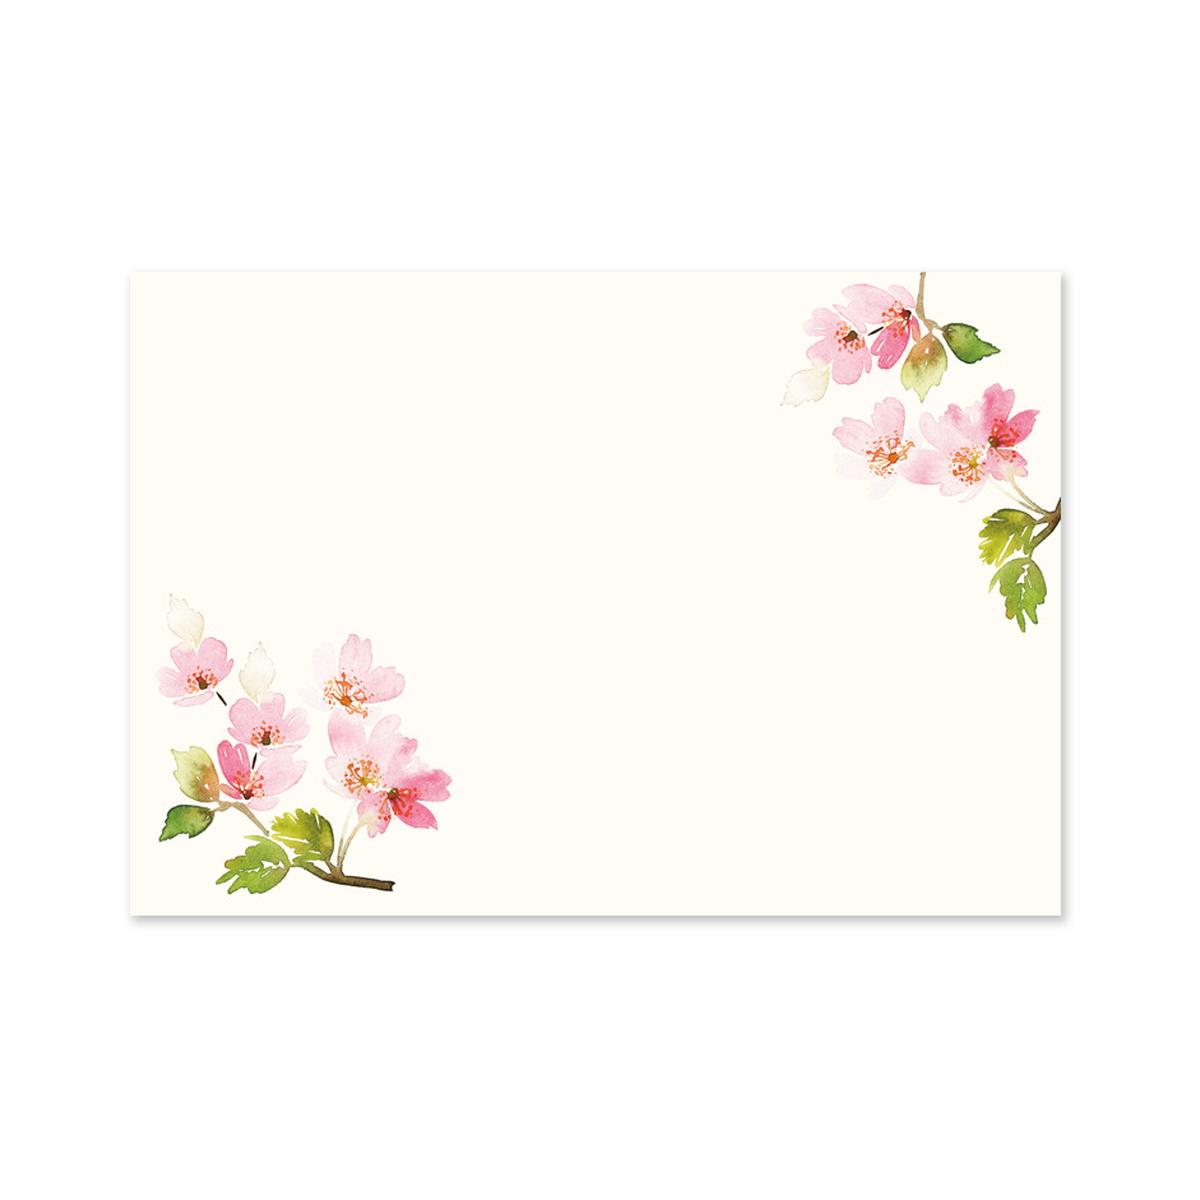 ミニレターセット 満開の桜 mls-127